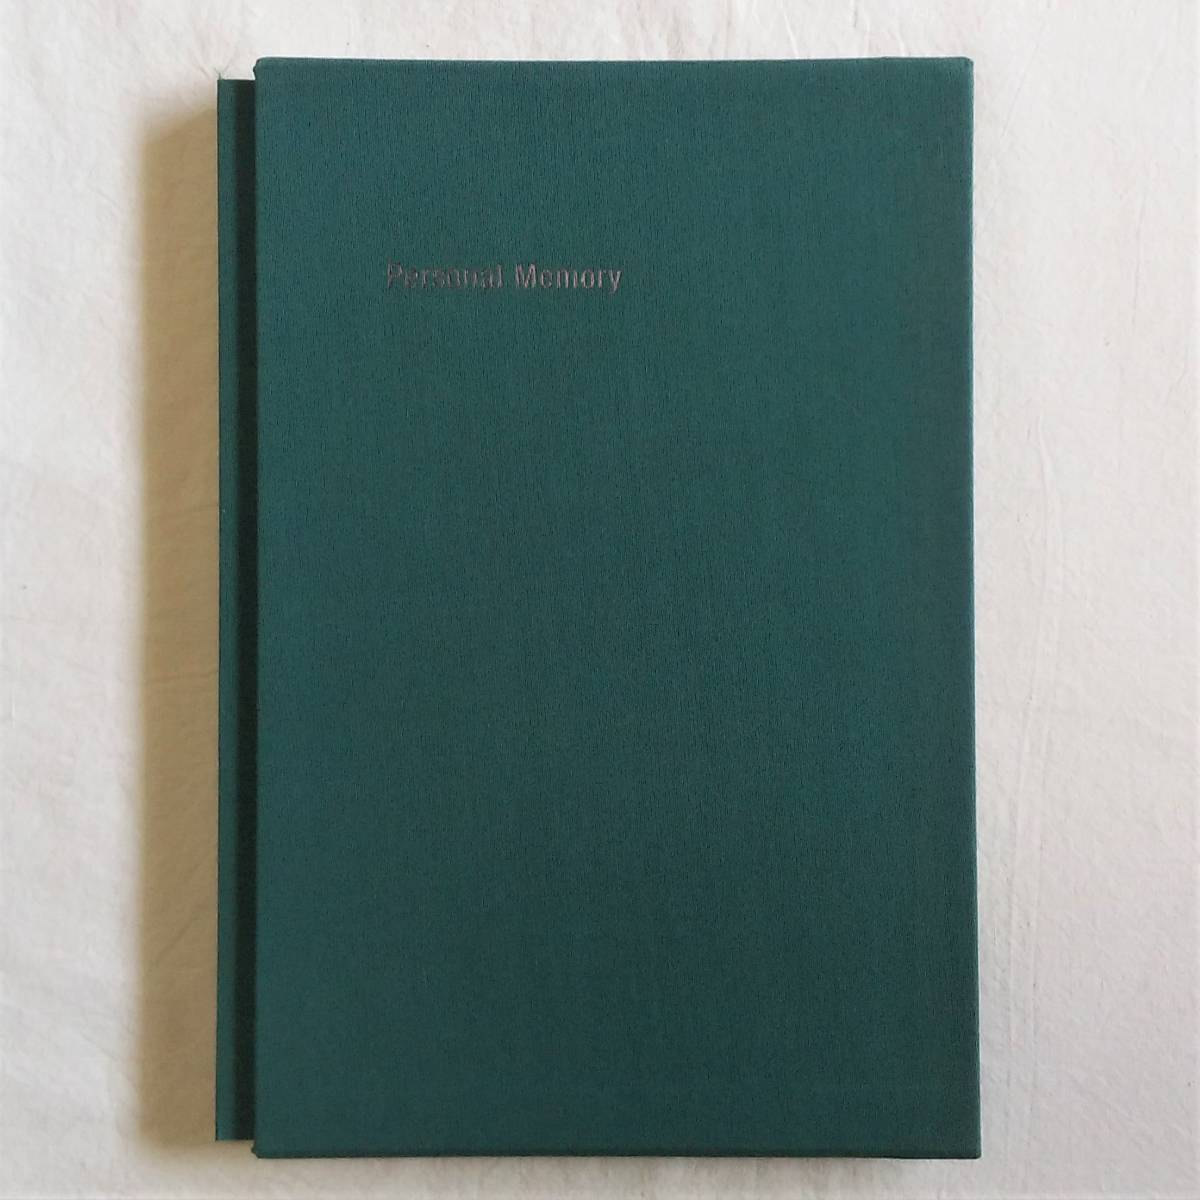 300部限定 小浪次郎写真集 JIRO KONAMI MAME PERSONAL MEMORY